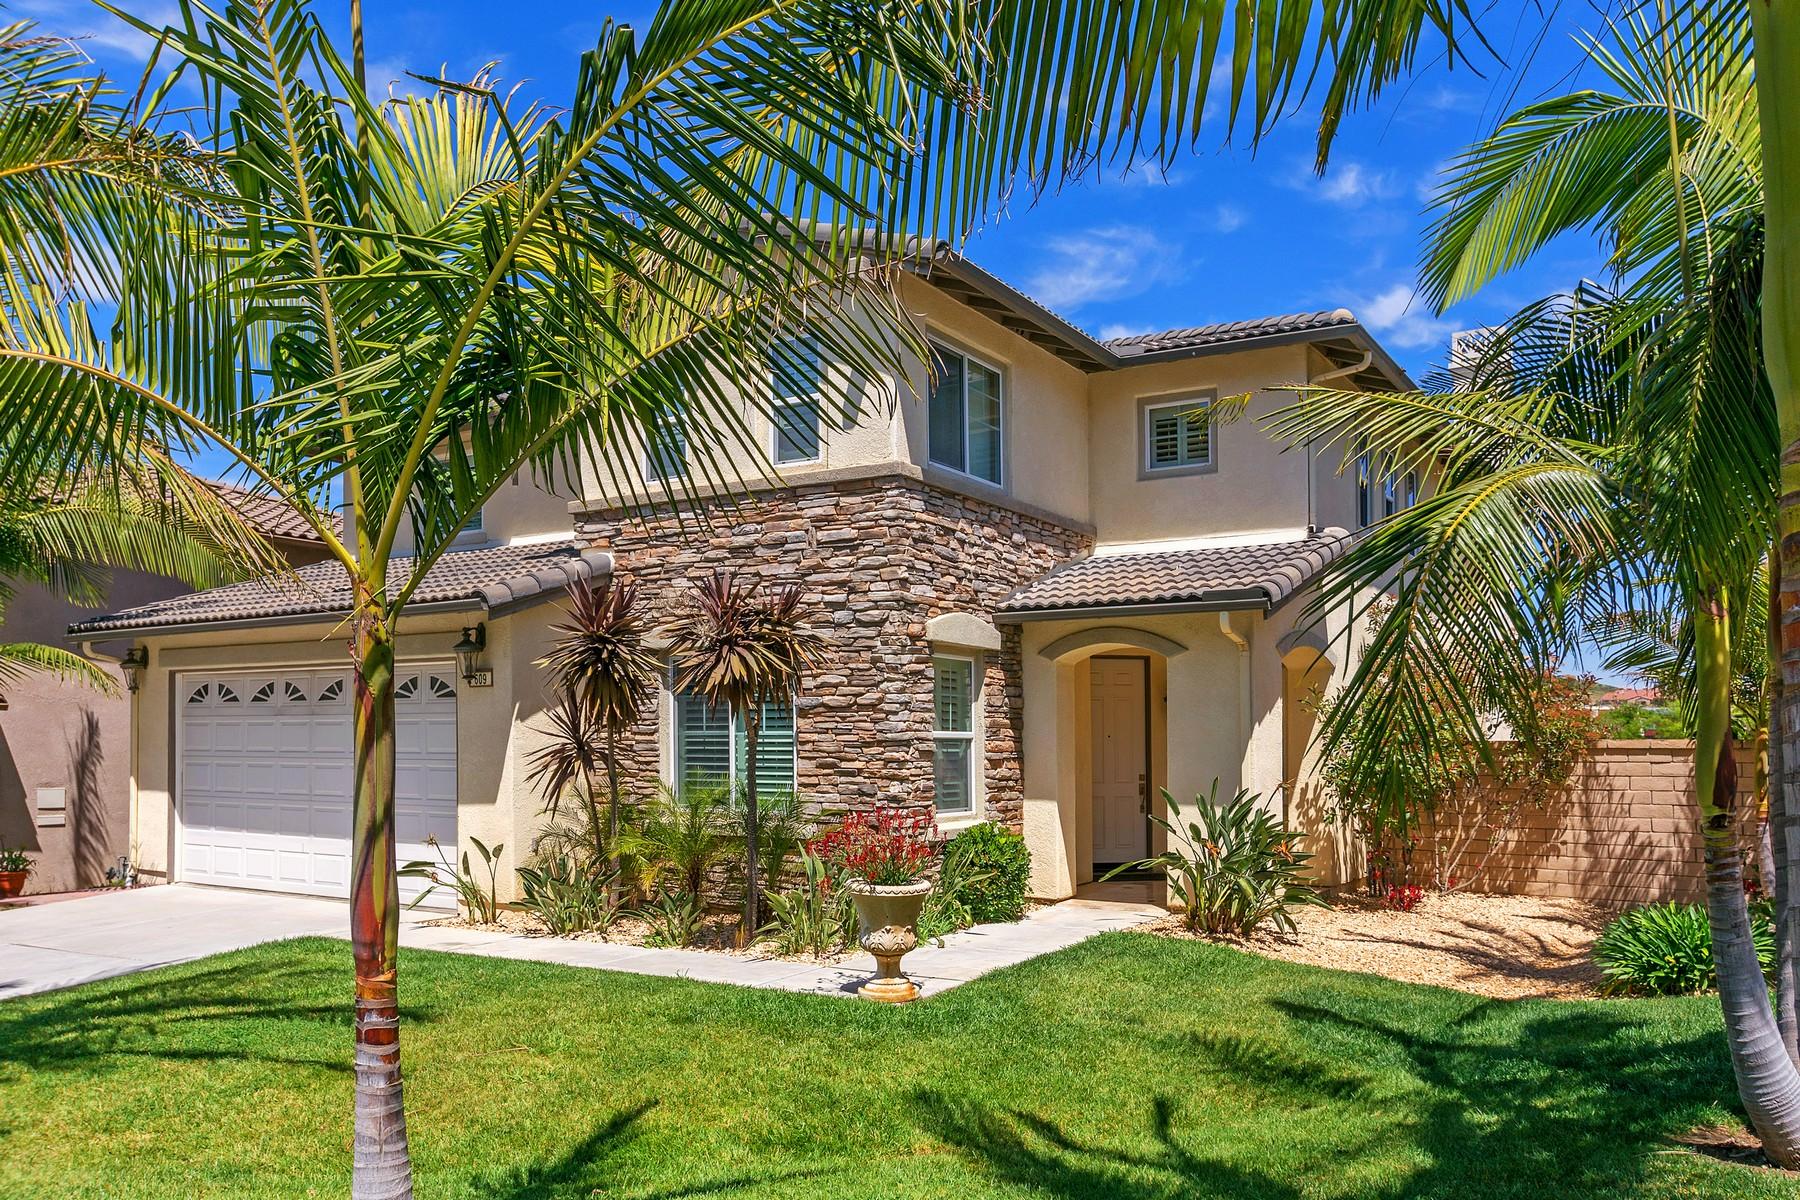 단독 가정 주택 용 매매 에 609 Carnation 609 Carnation Court San Marcos, 캘리포니아, 92078 미국